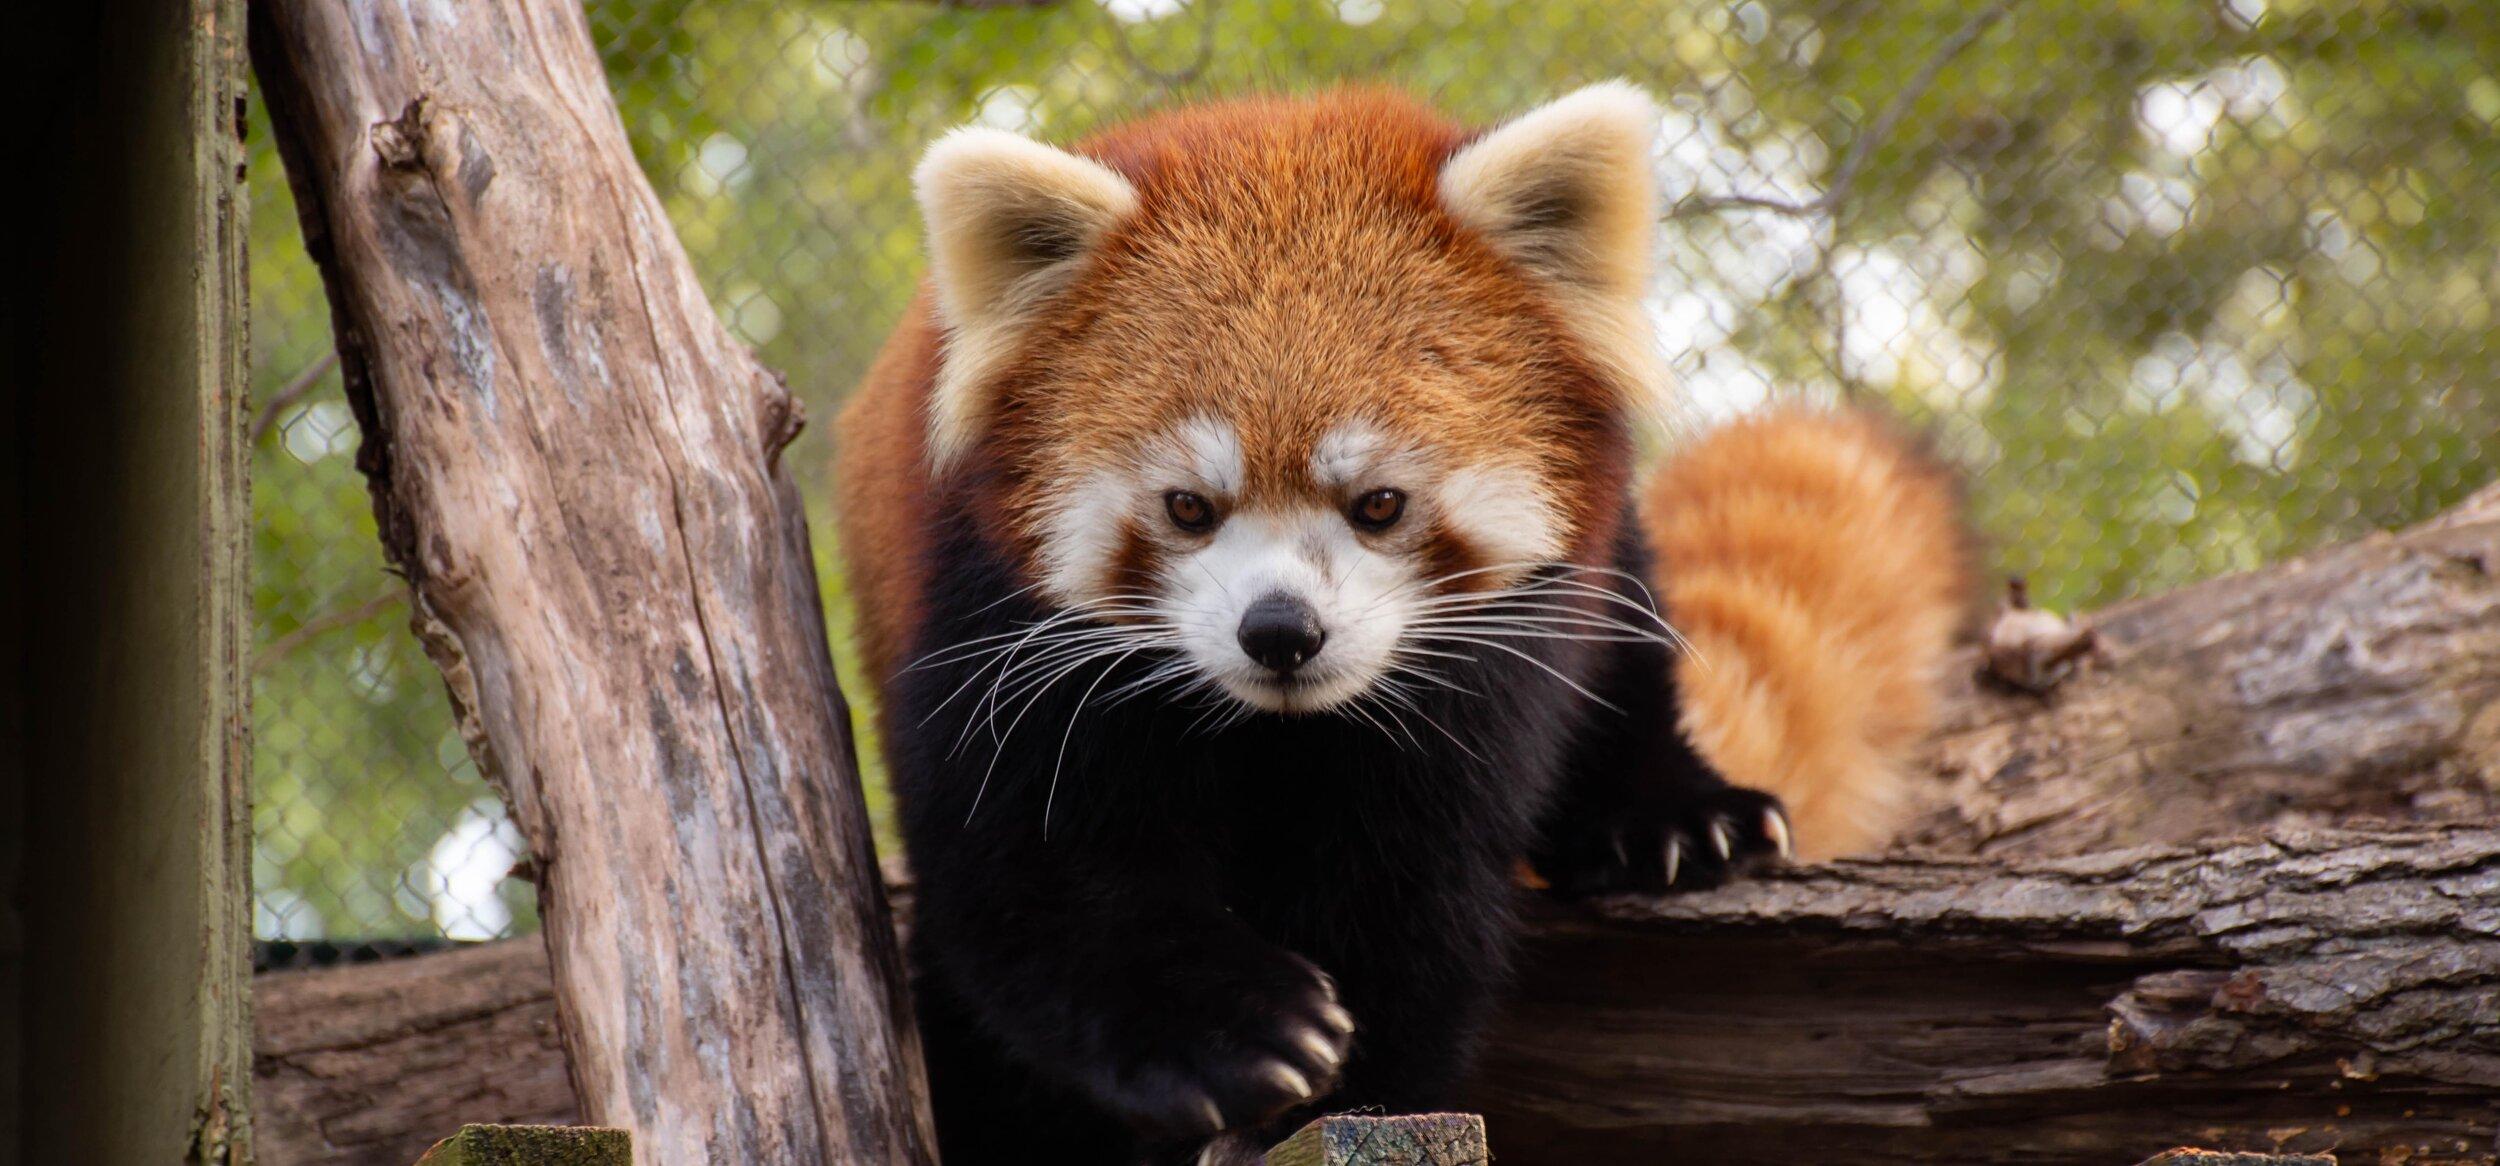 Greensboro-Childrens-Museum-Red-Panda.jpg